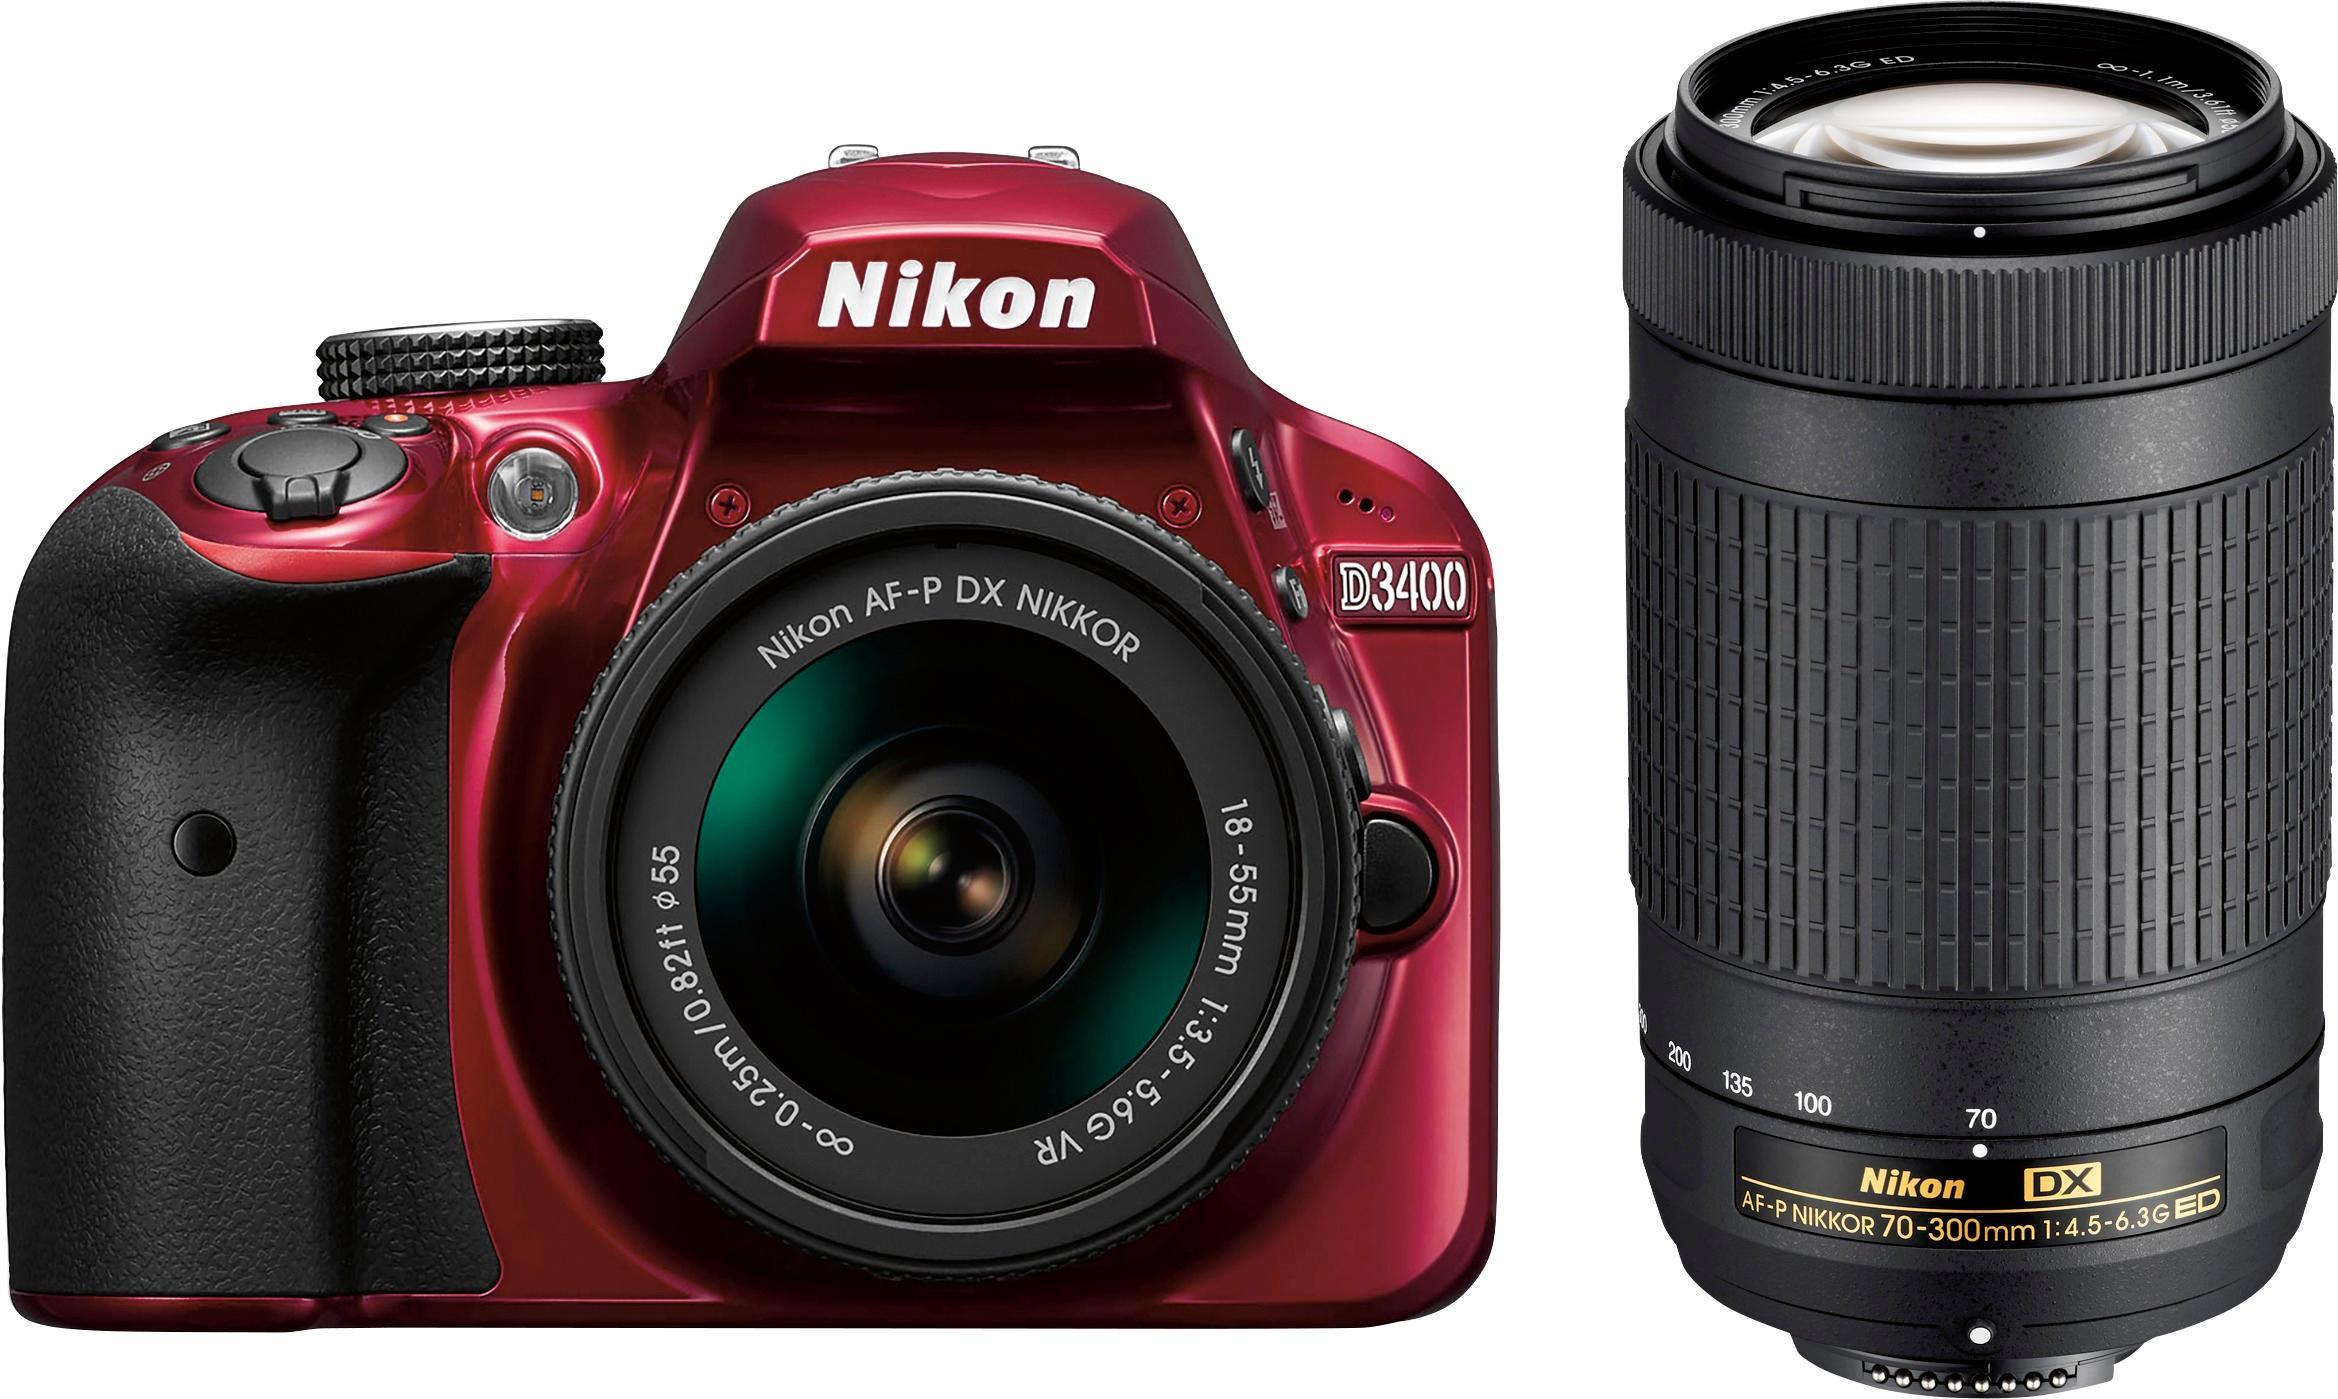 Camera Nikon Smallest Dslr Camera small dslr cameras best buy nikon d3400 camera with af p dx 18 55mm g vr and 70 300mm ed lenses red